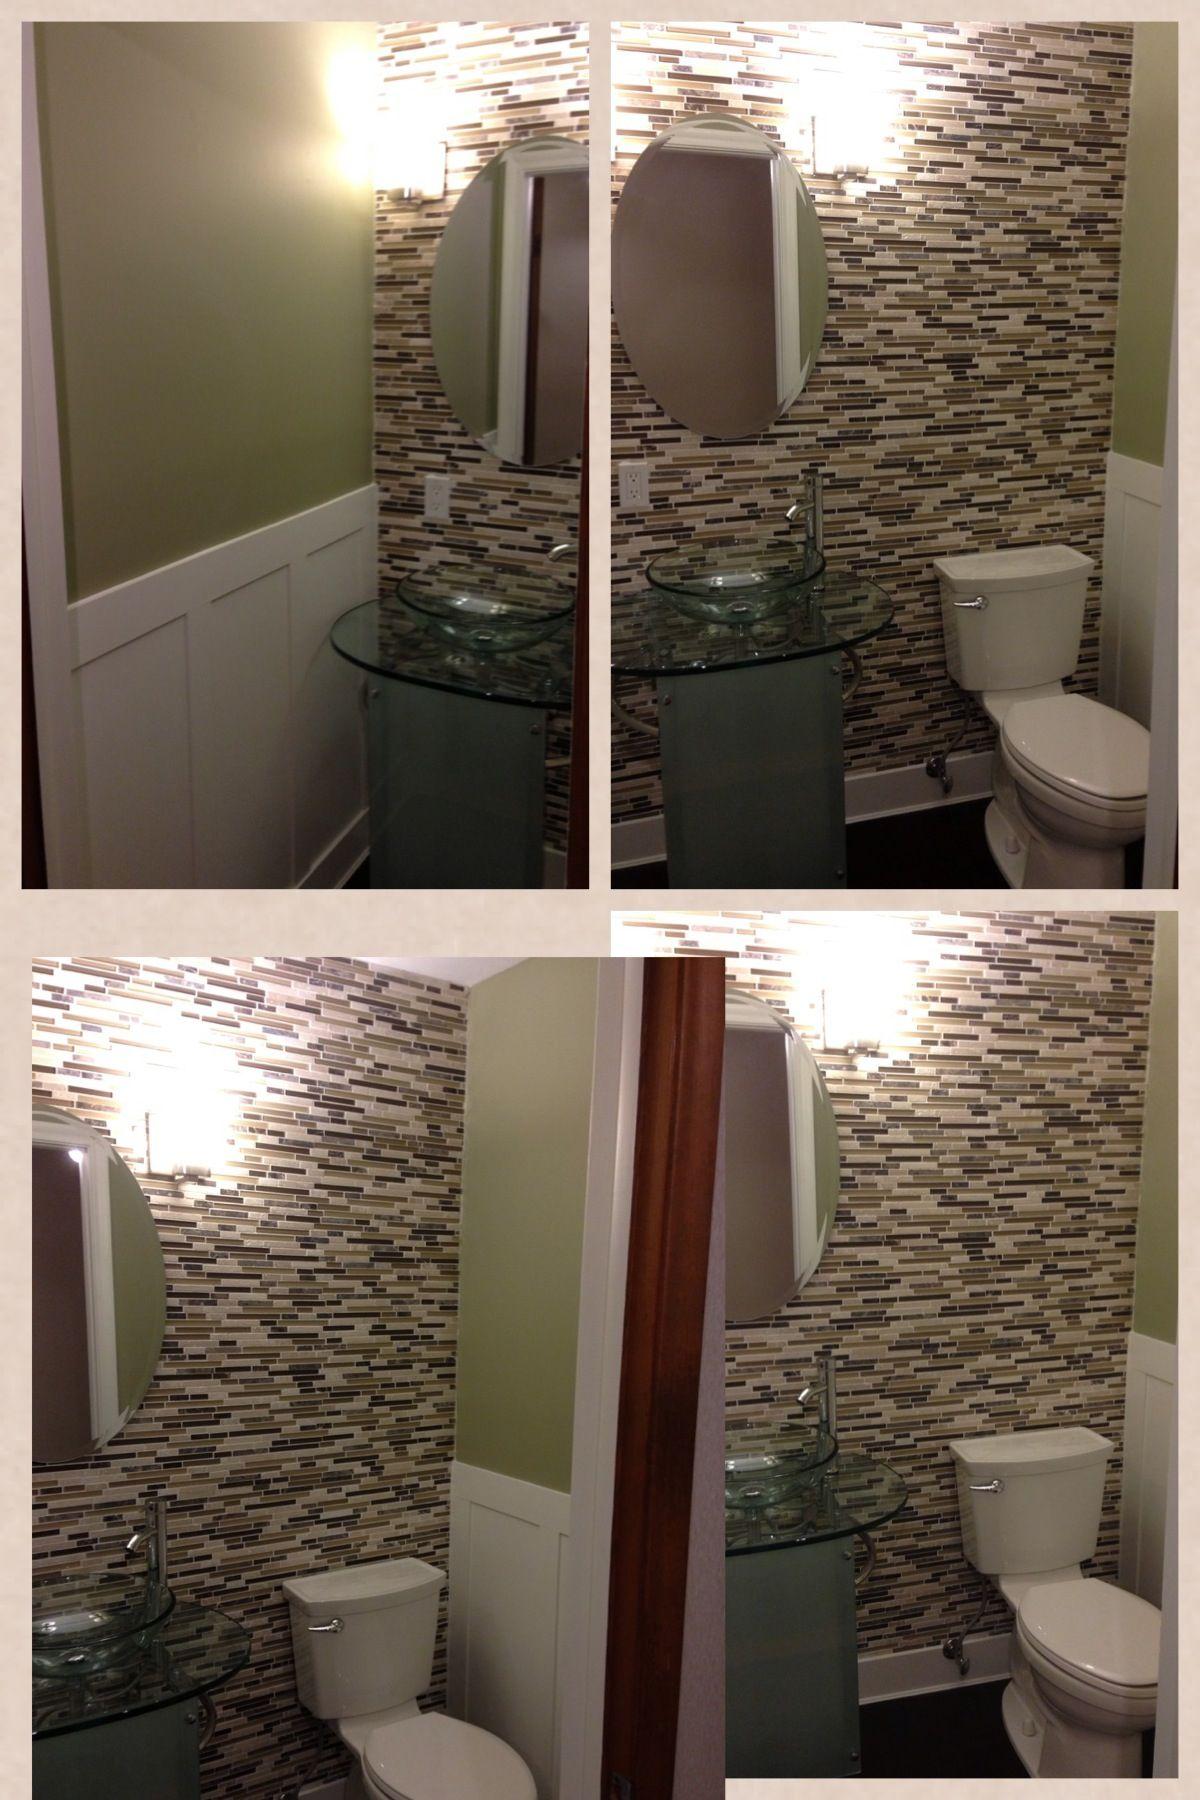 1 2 Bath Tile Wall Bamboo Floor Bamboo Flooring Bathroom Mirror Wall Tiles